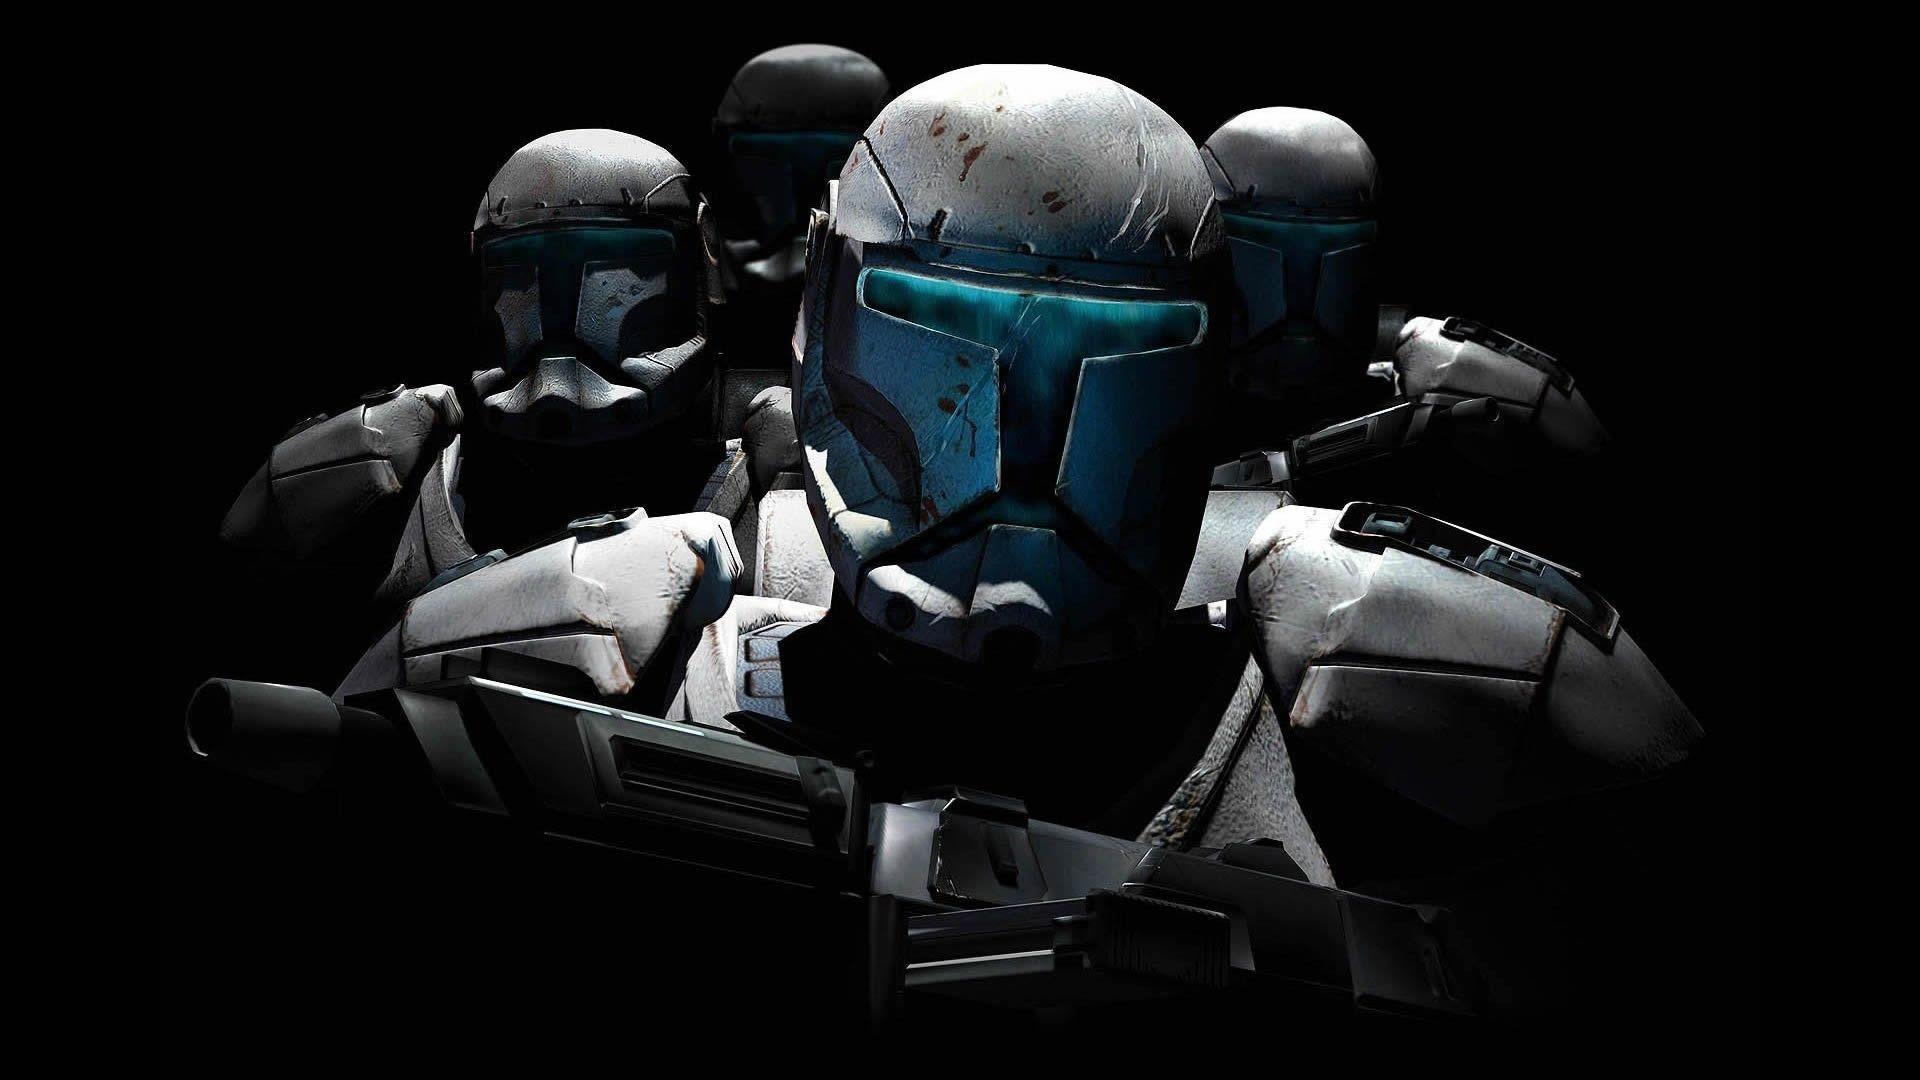 120 Star Wars Hd Wallpaper 1600 900